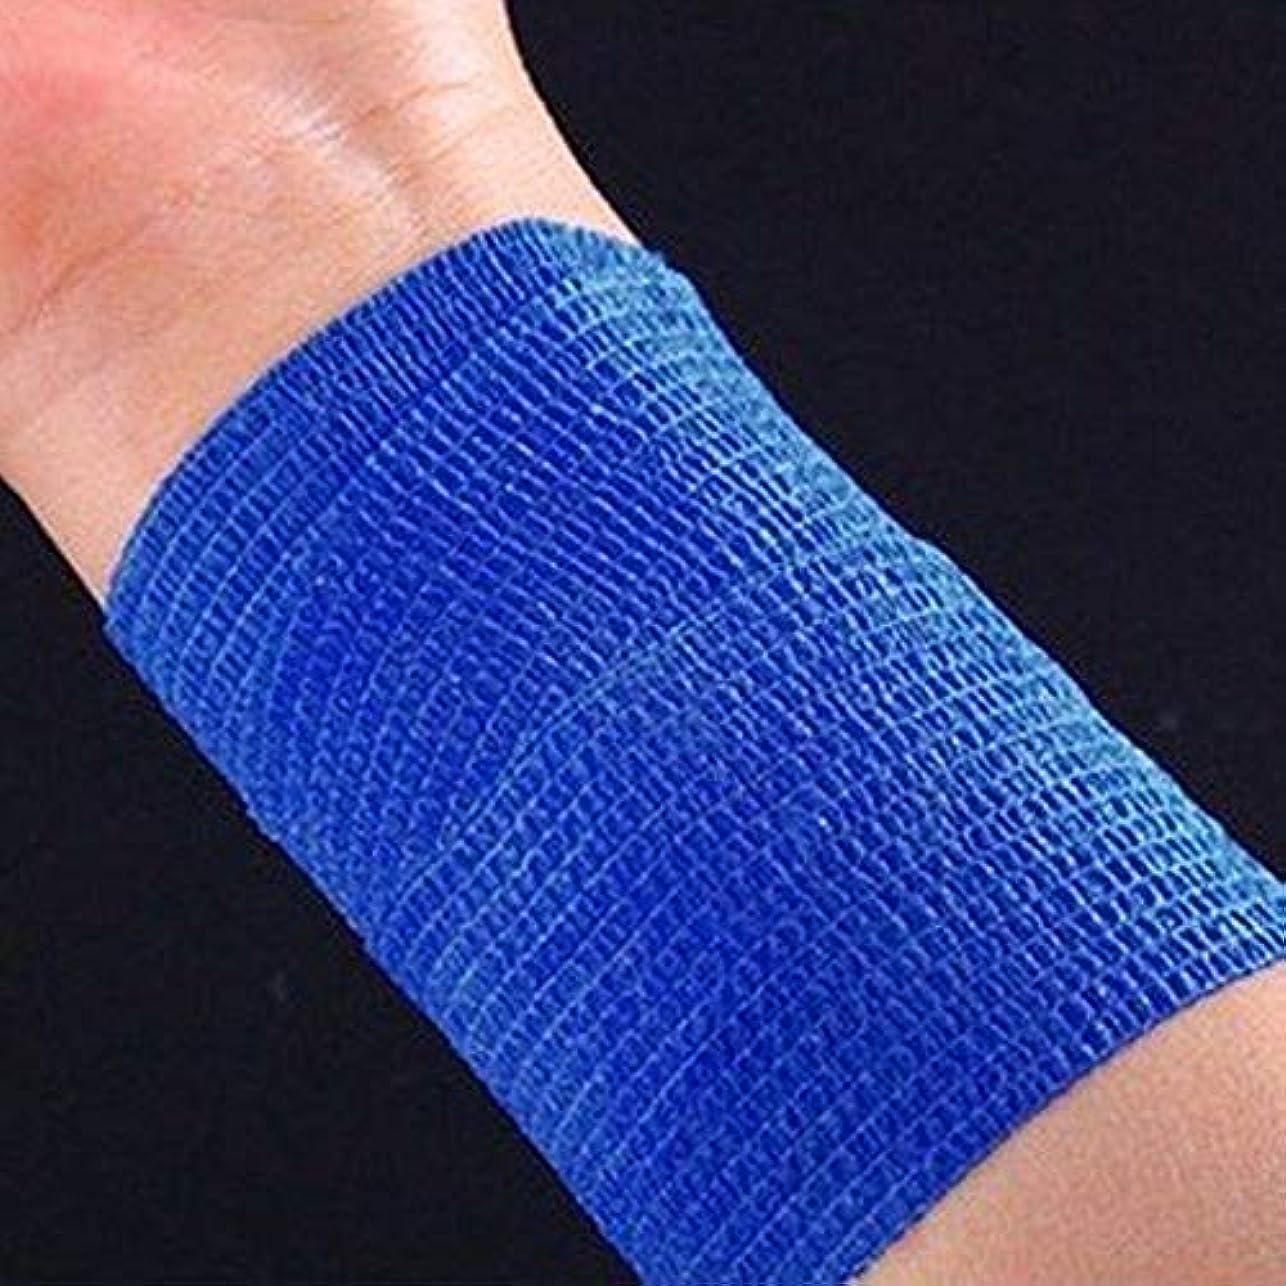 クロス次へマザーランドPichidr-JP 自己接着包帯足首の捻挫、腫れや手首のための2インチの便利な弾性包帯